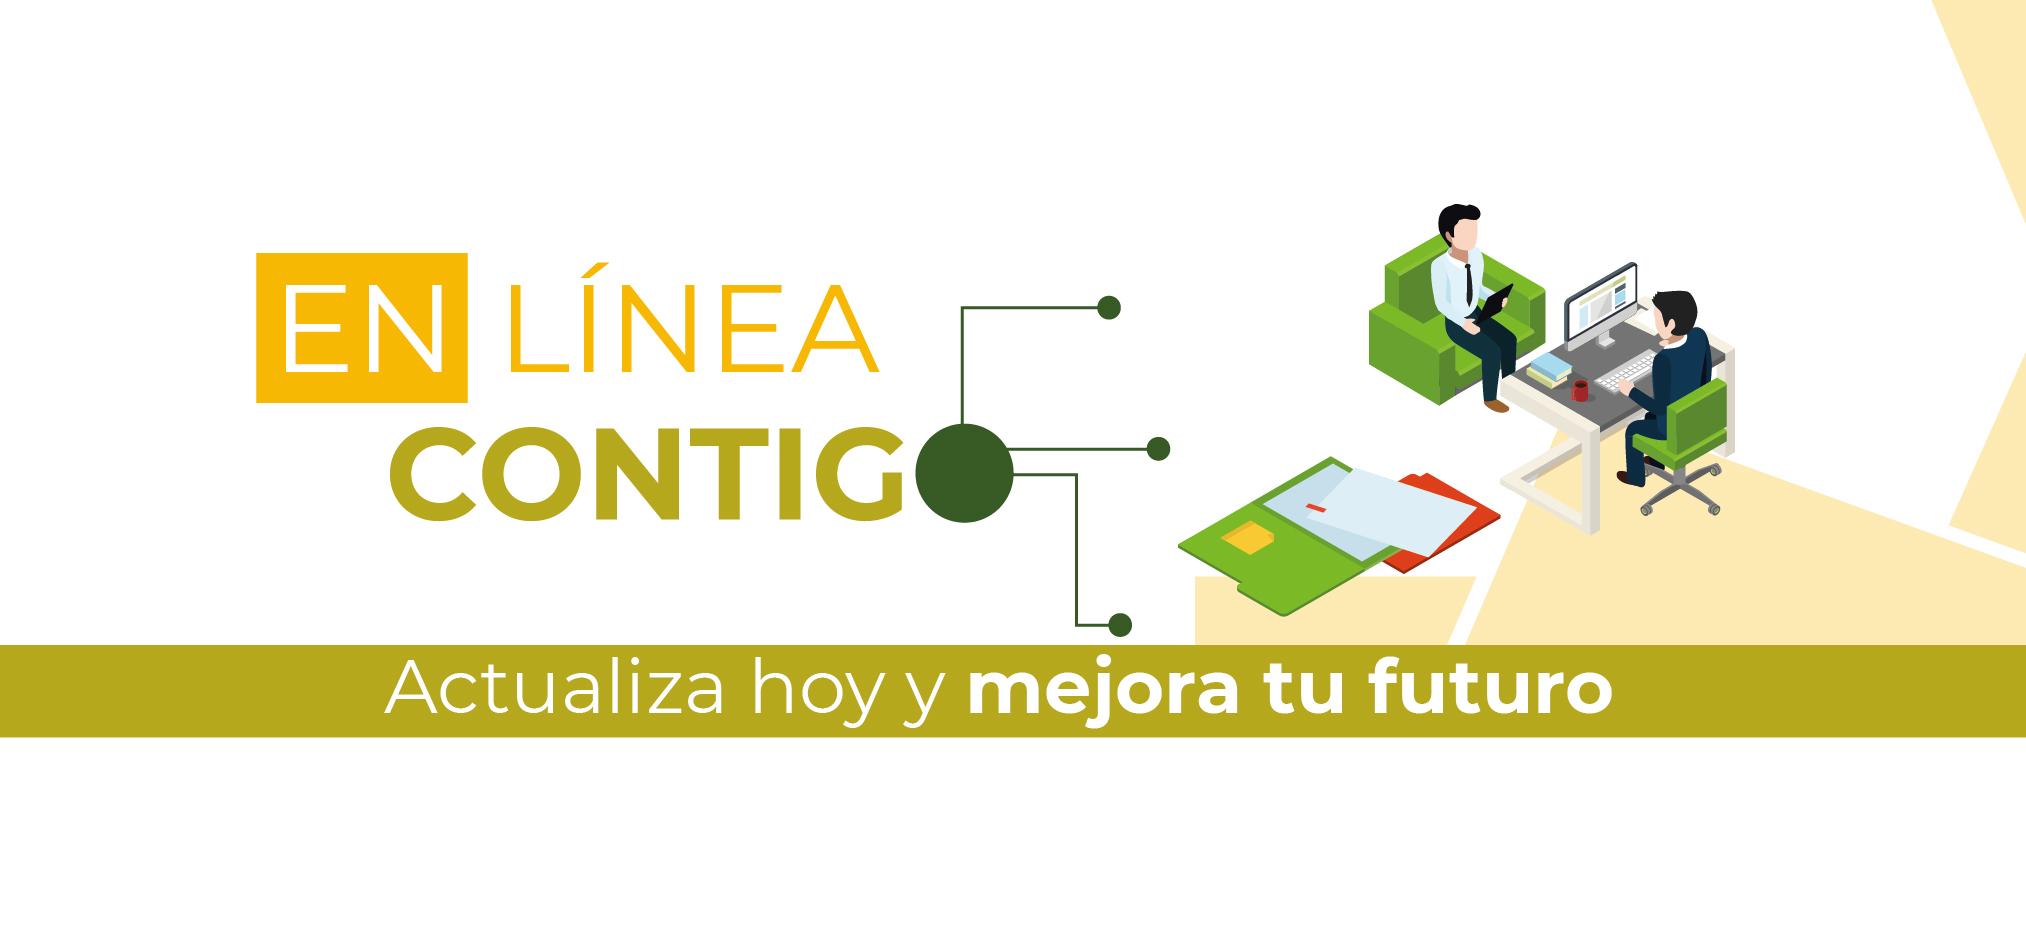 En línea contigo: Actualiza hoy y mejora tu futuro.